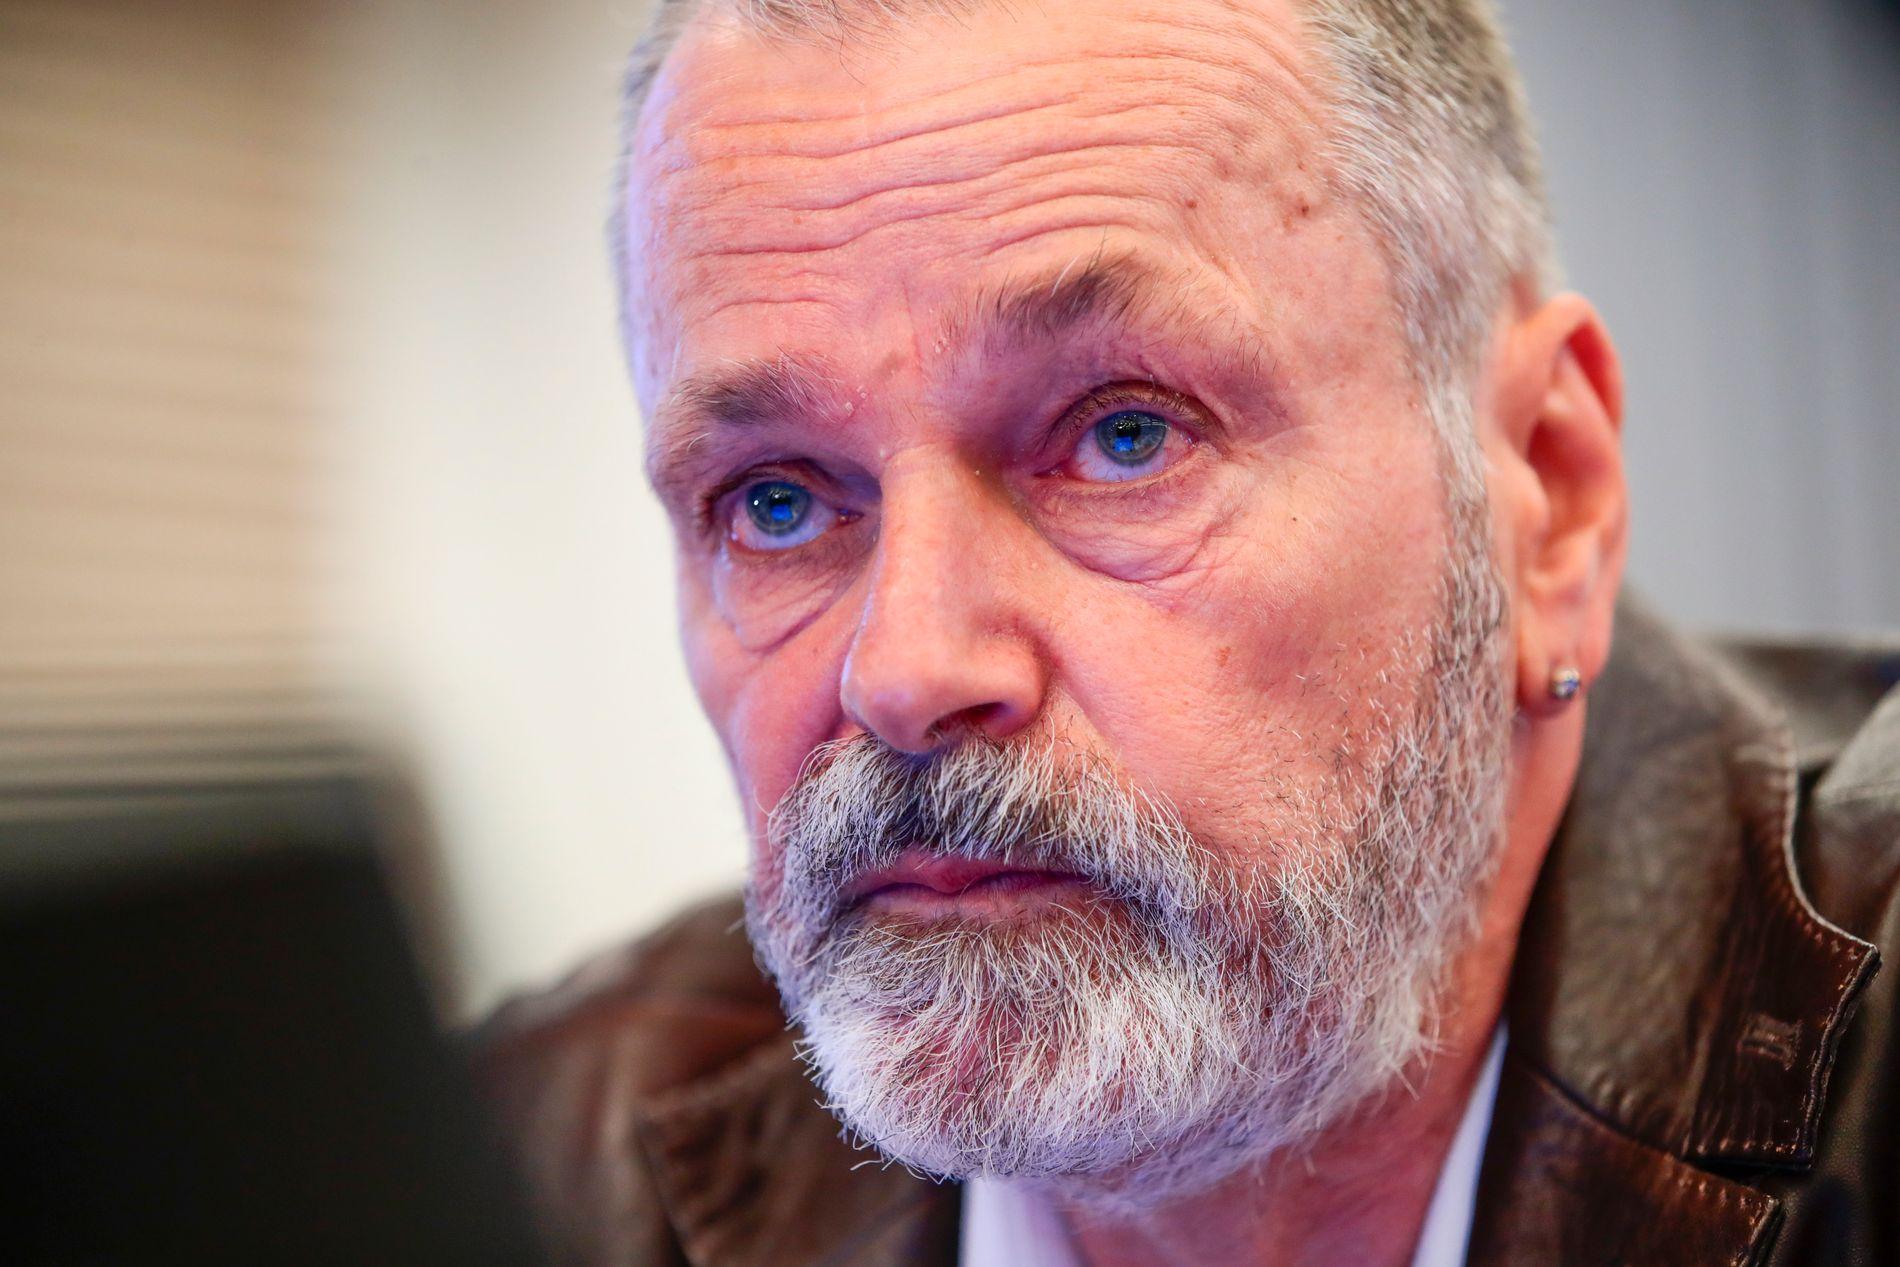 BEDRE FORBEREDT: Eks-politimannen Eirik Jensen forsøker å renvaske seg fra korrupsjons-og narkotiltalen.